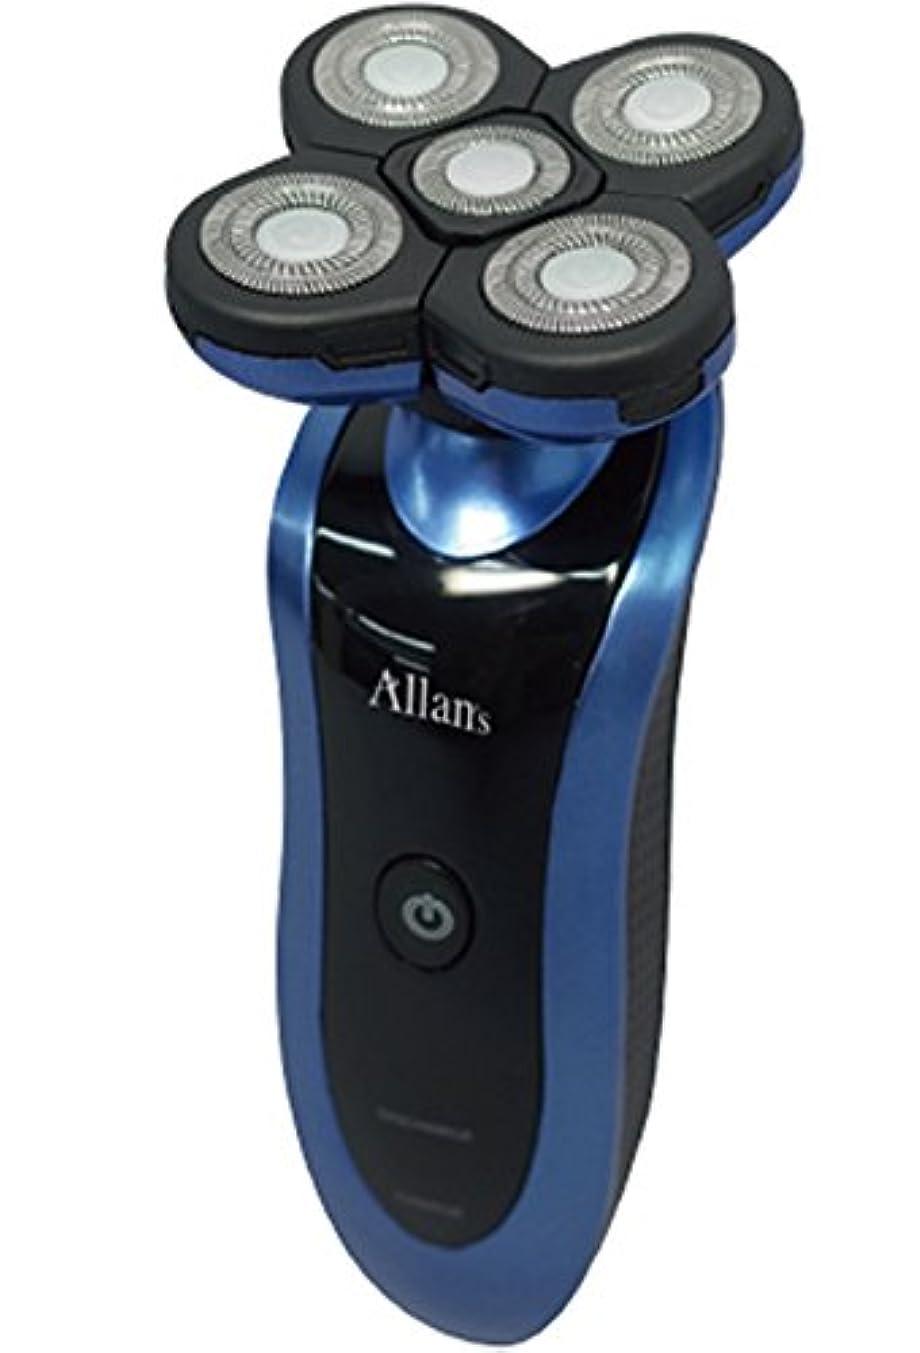 発生アトラス殺人者Allans 回転式 5枚刃 ブレード 洗える 充電 電動 髭剃り ウォッシャブル メンズ シェーバー MEBM-26